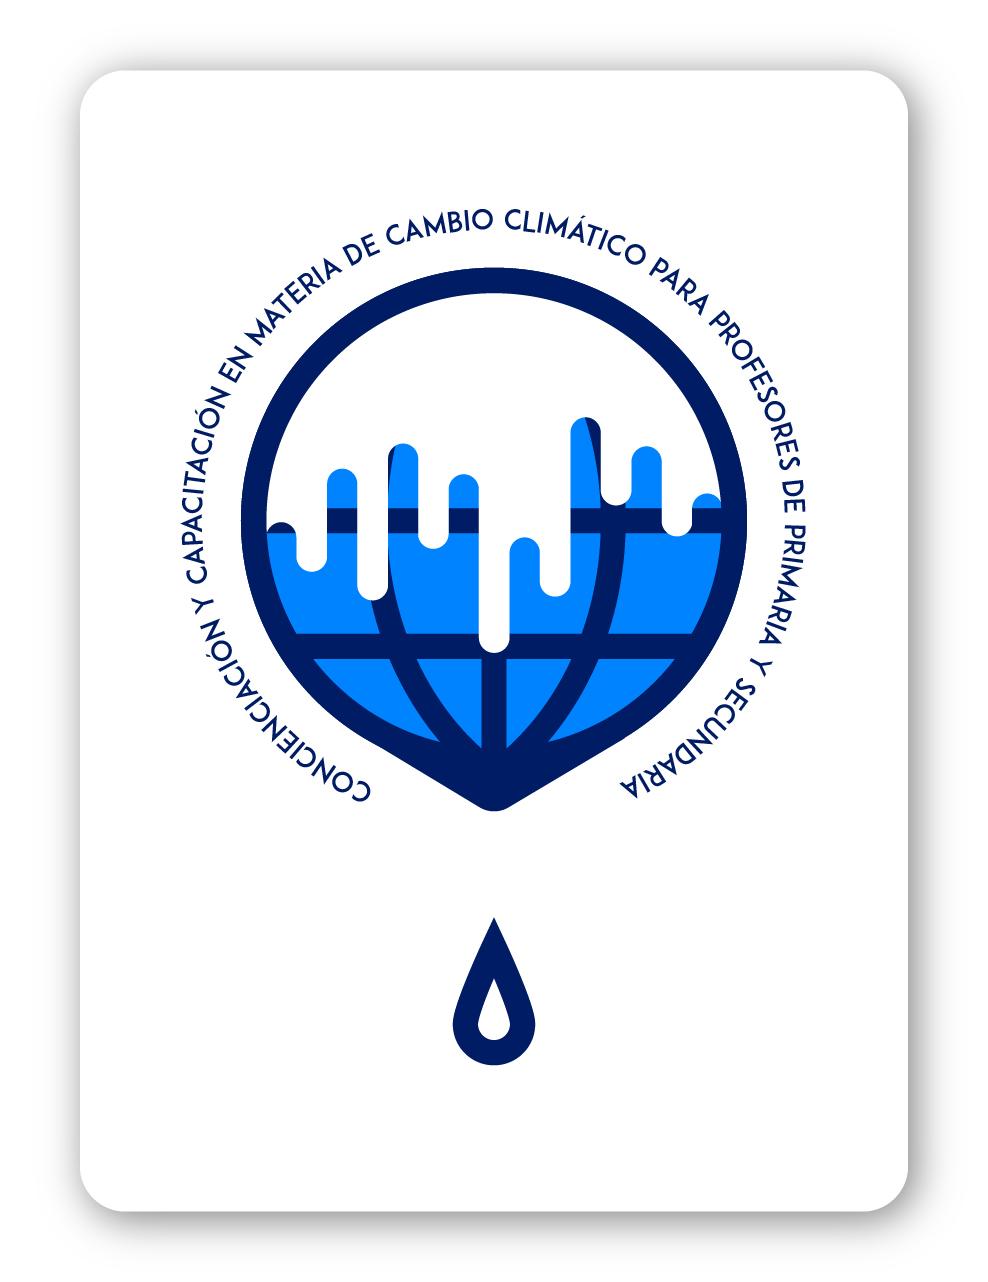 Logo_Cambio Climático 01